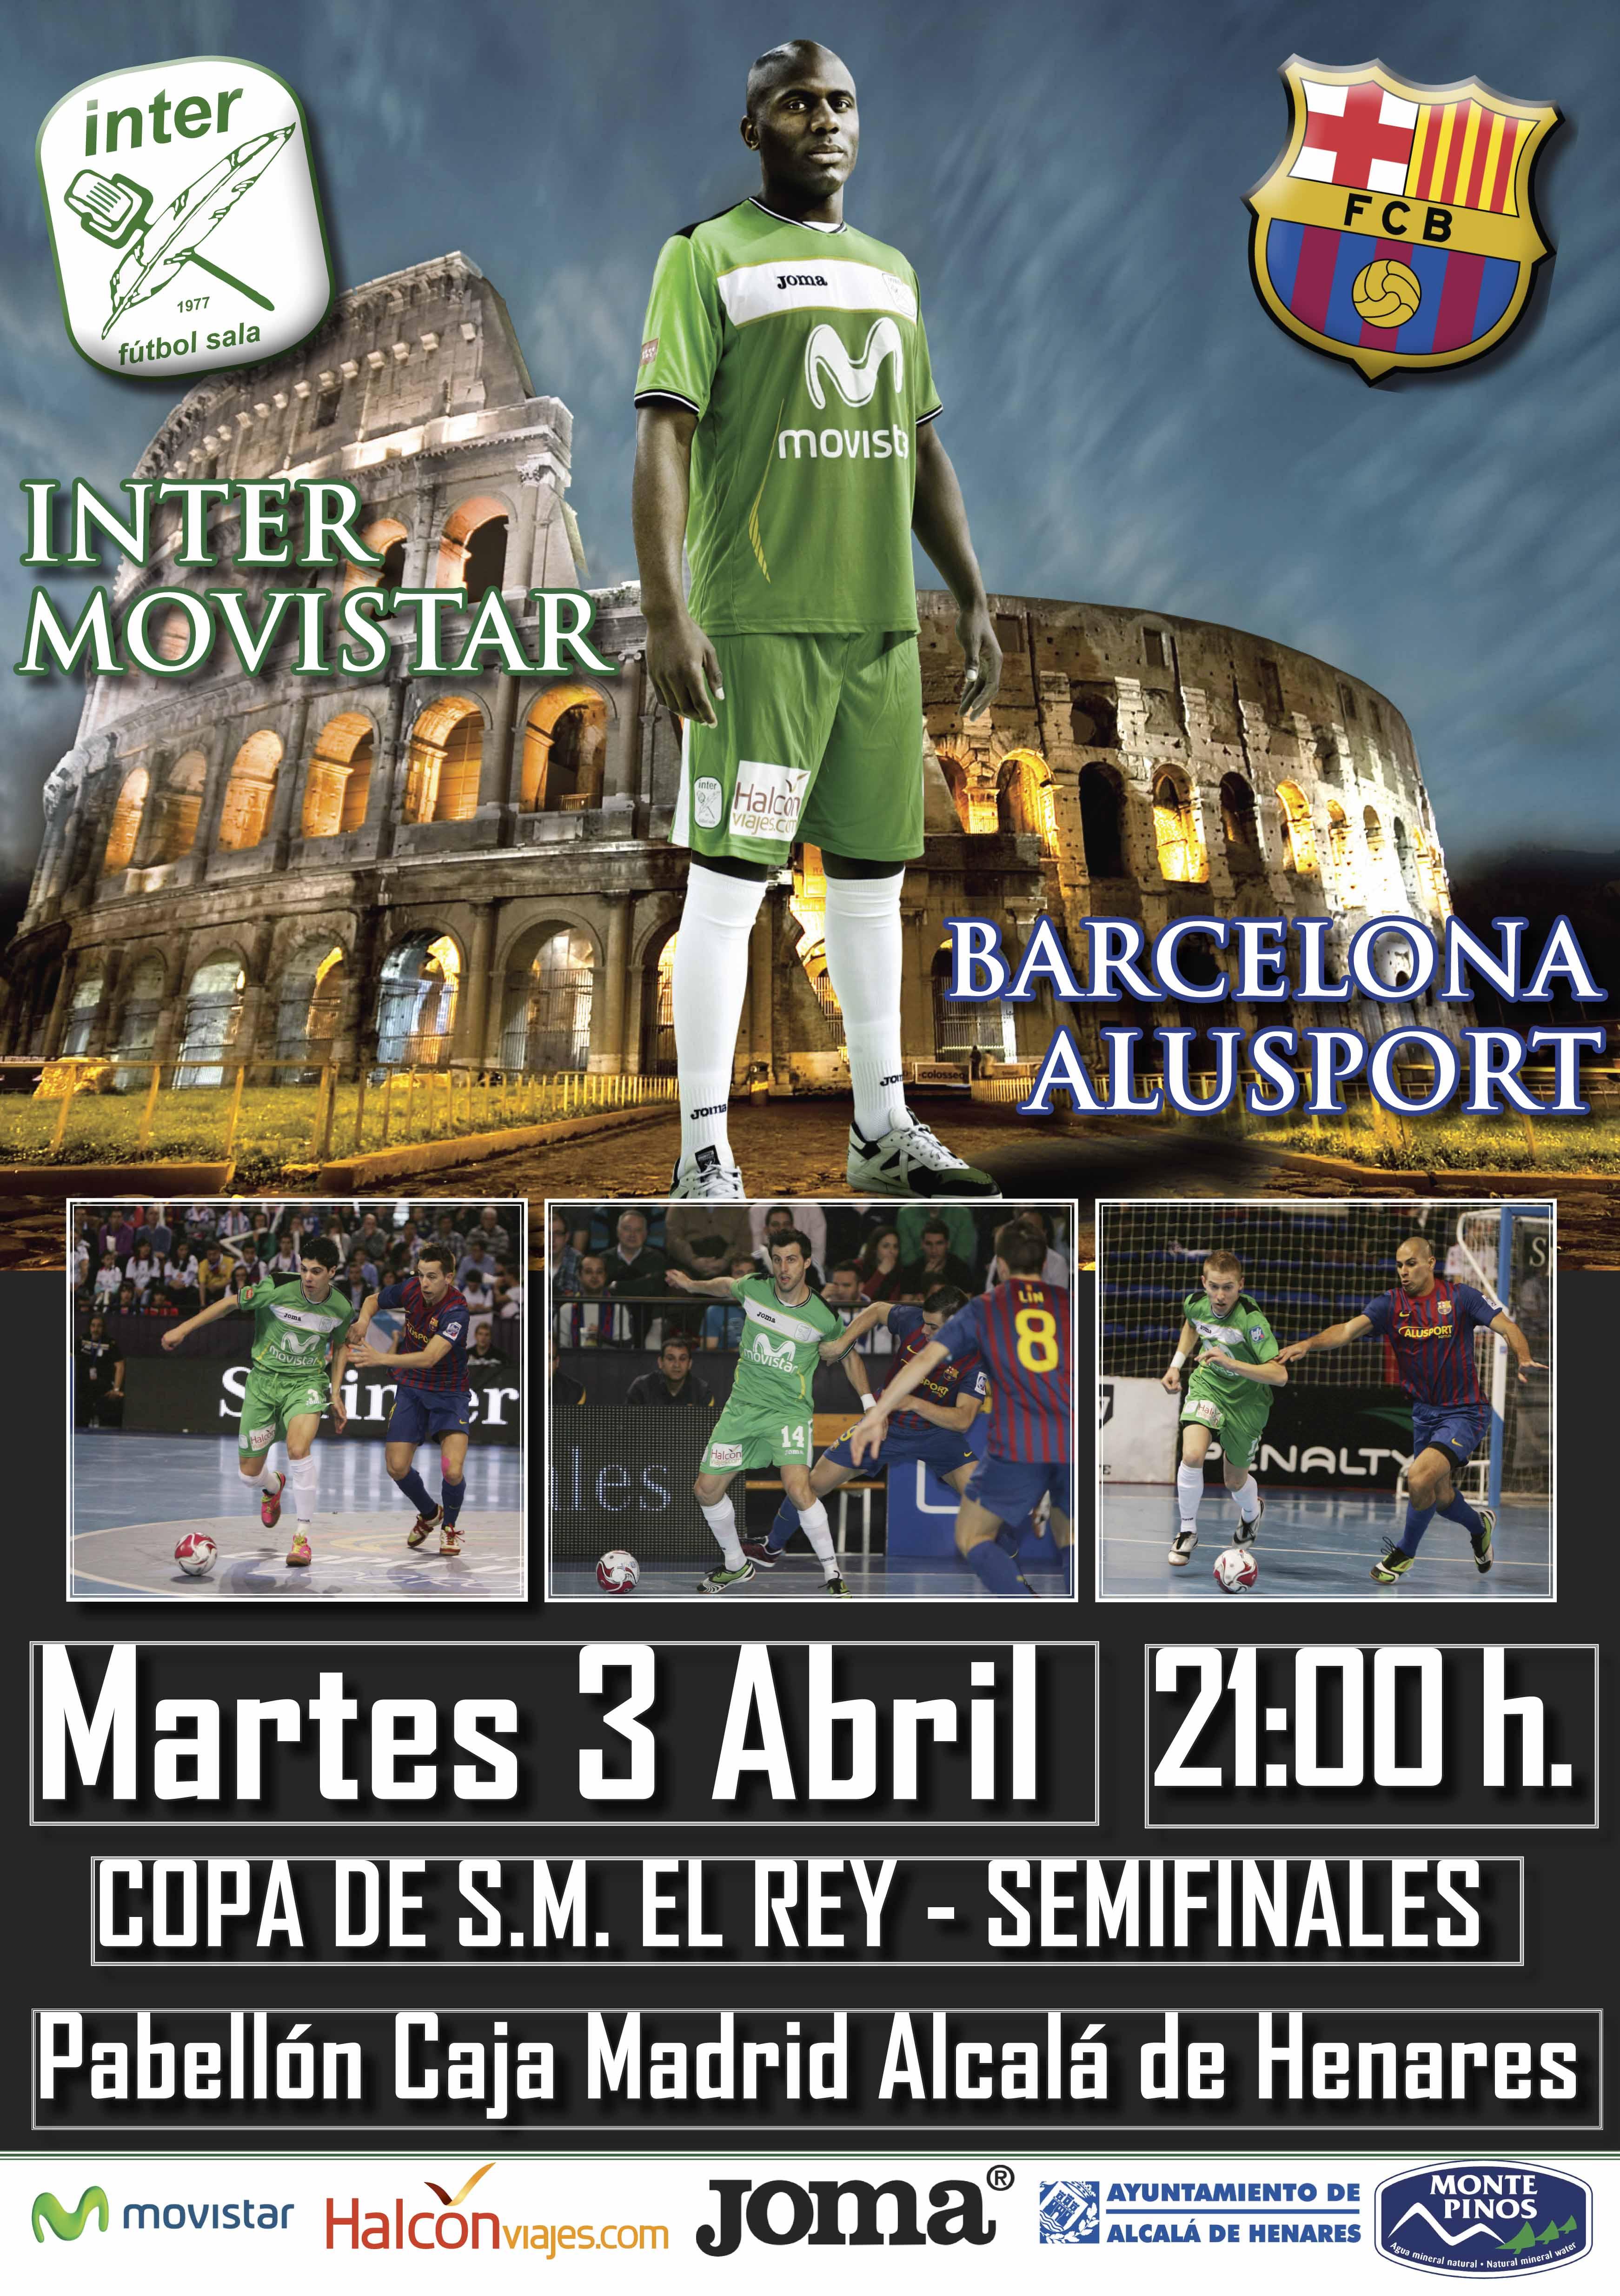 Inter Movistar ya prepara el partido del año en Alcalá de Henares ante el Barça Alusport